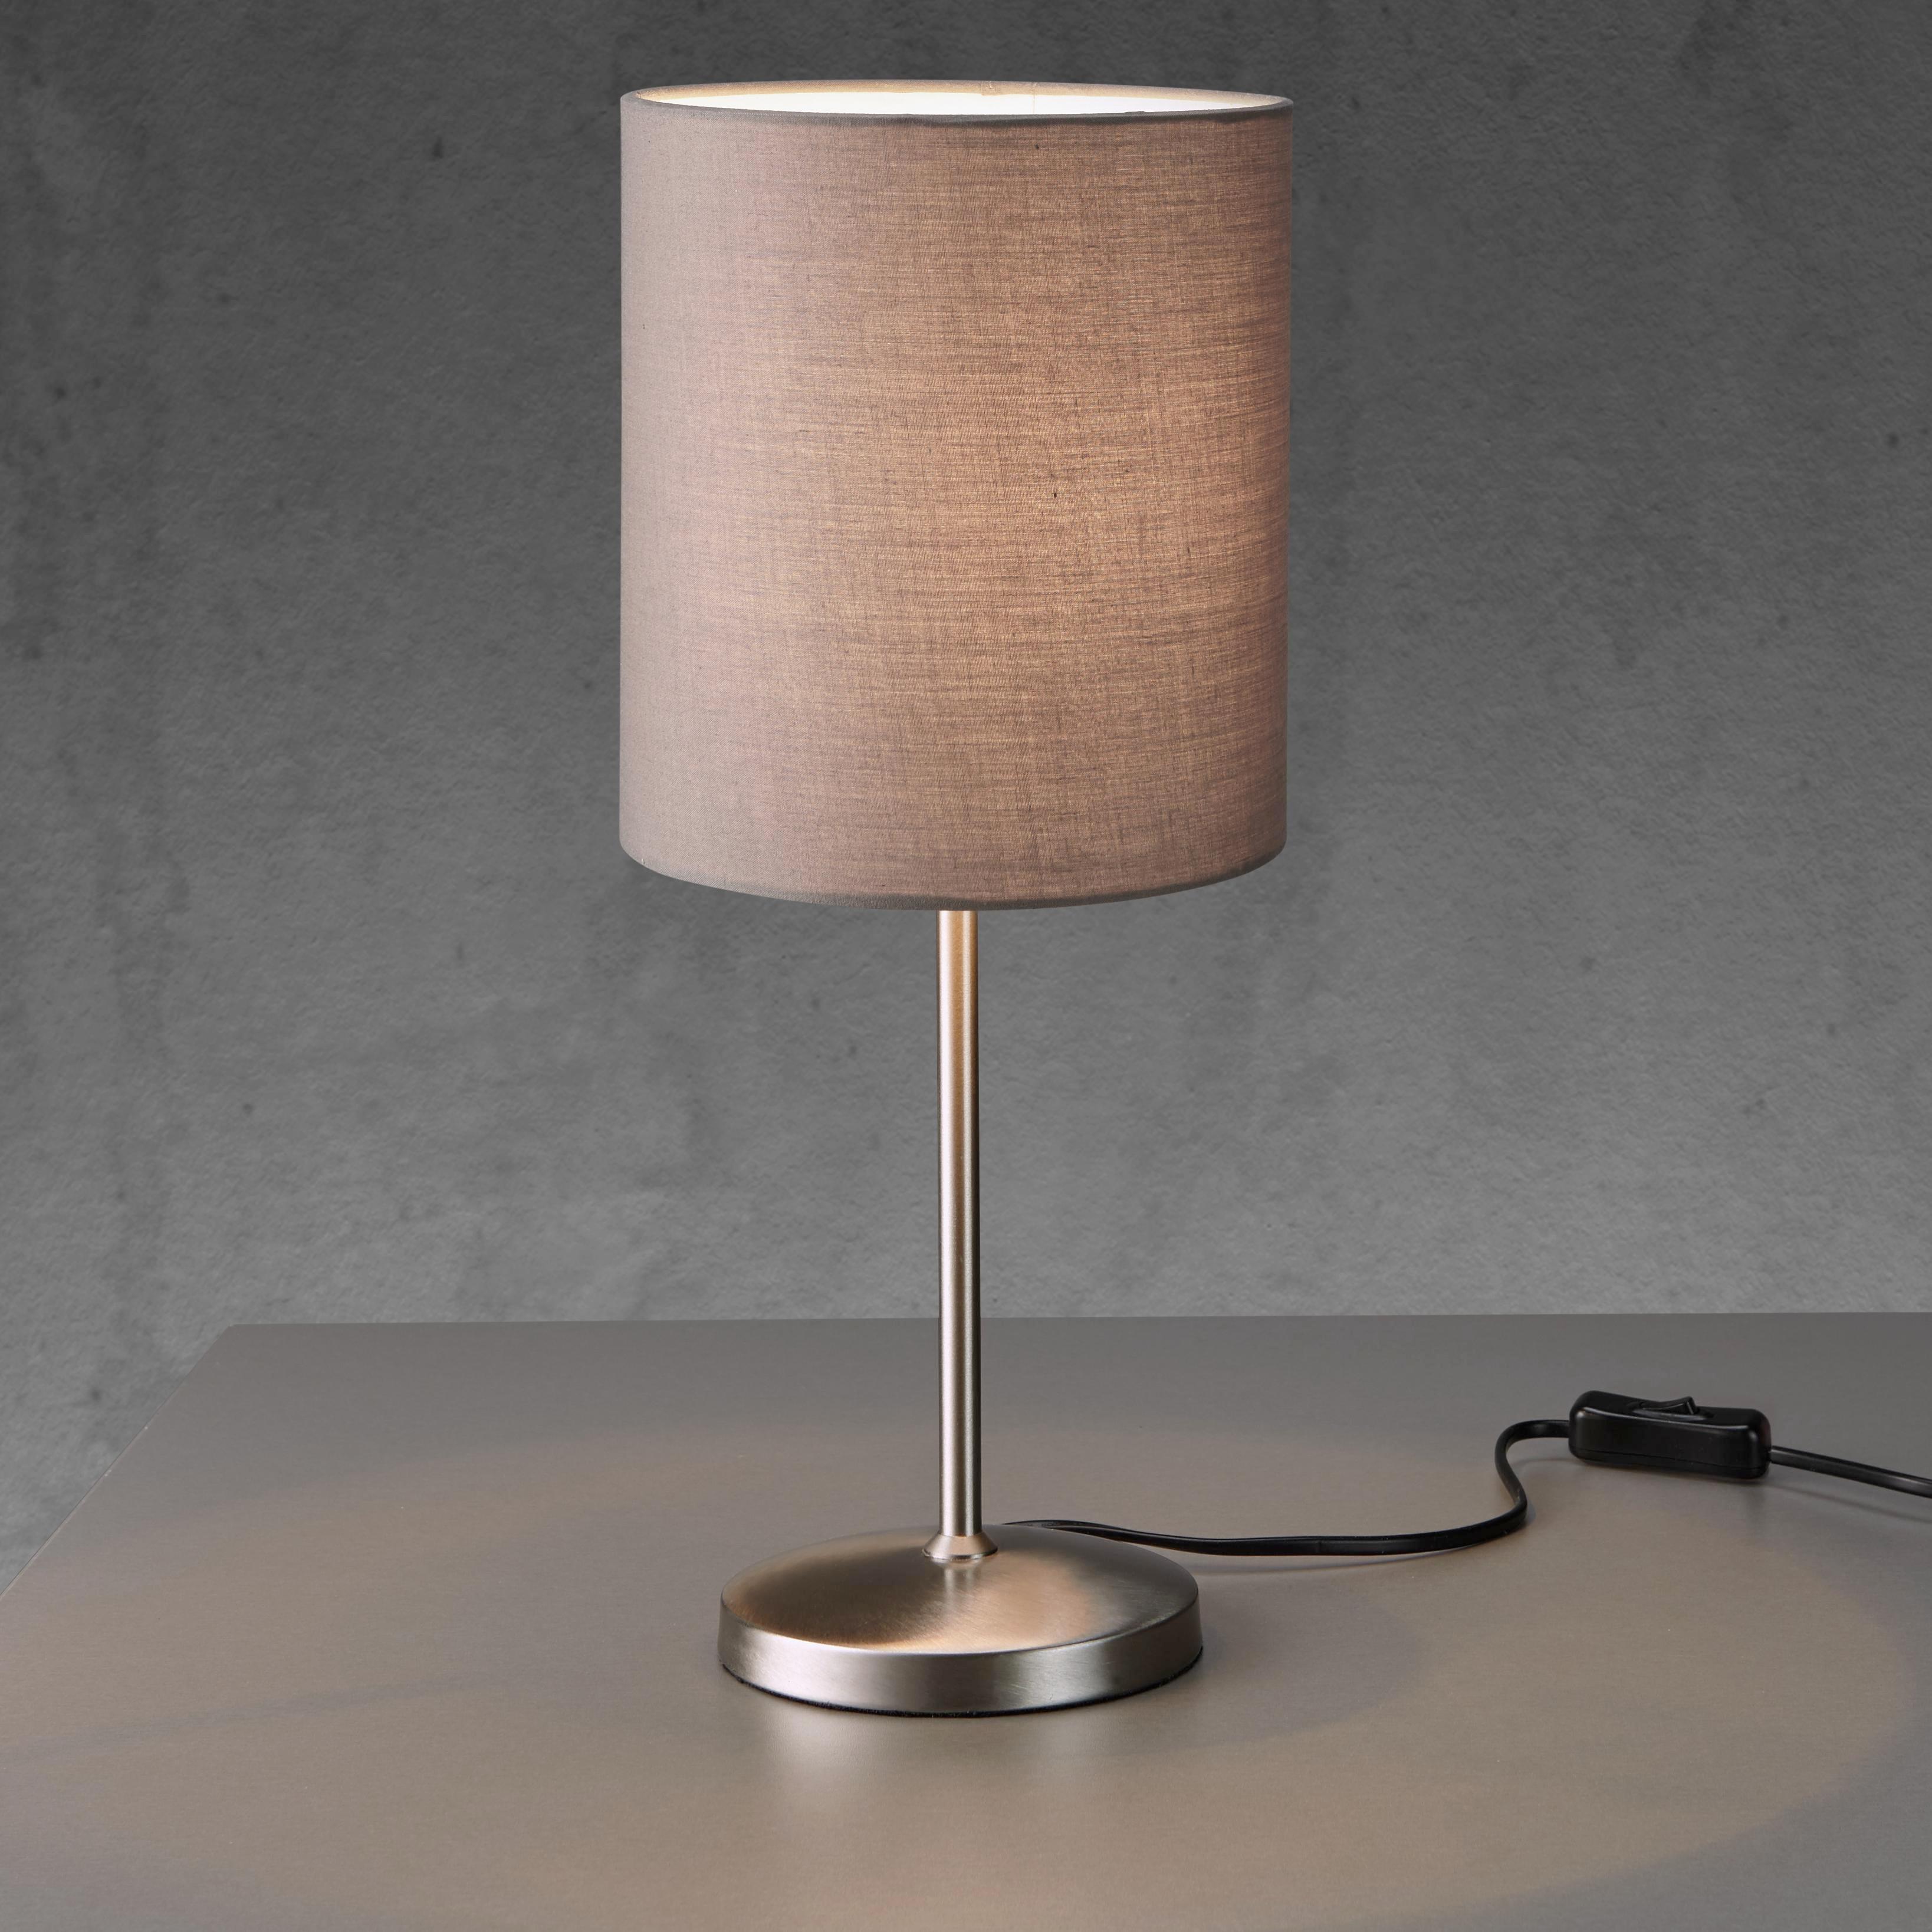 Tischleuchte Maxwell - Grau/Nickelfarben, MODERN, Textil/Metall (18/42cm) - MÖMAX modern living